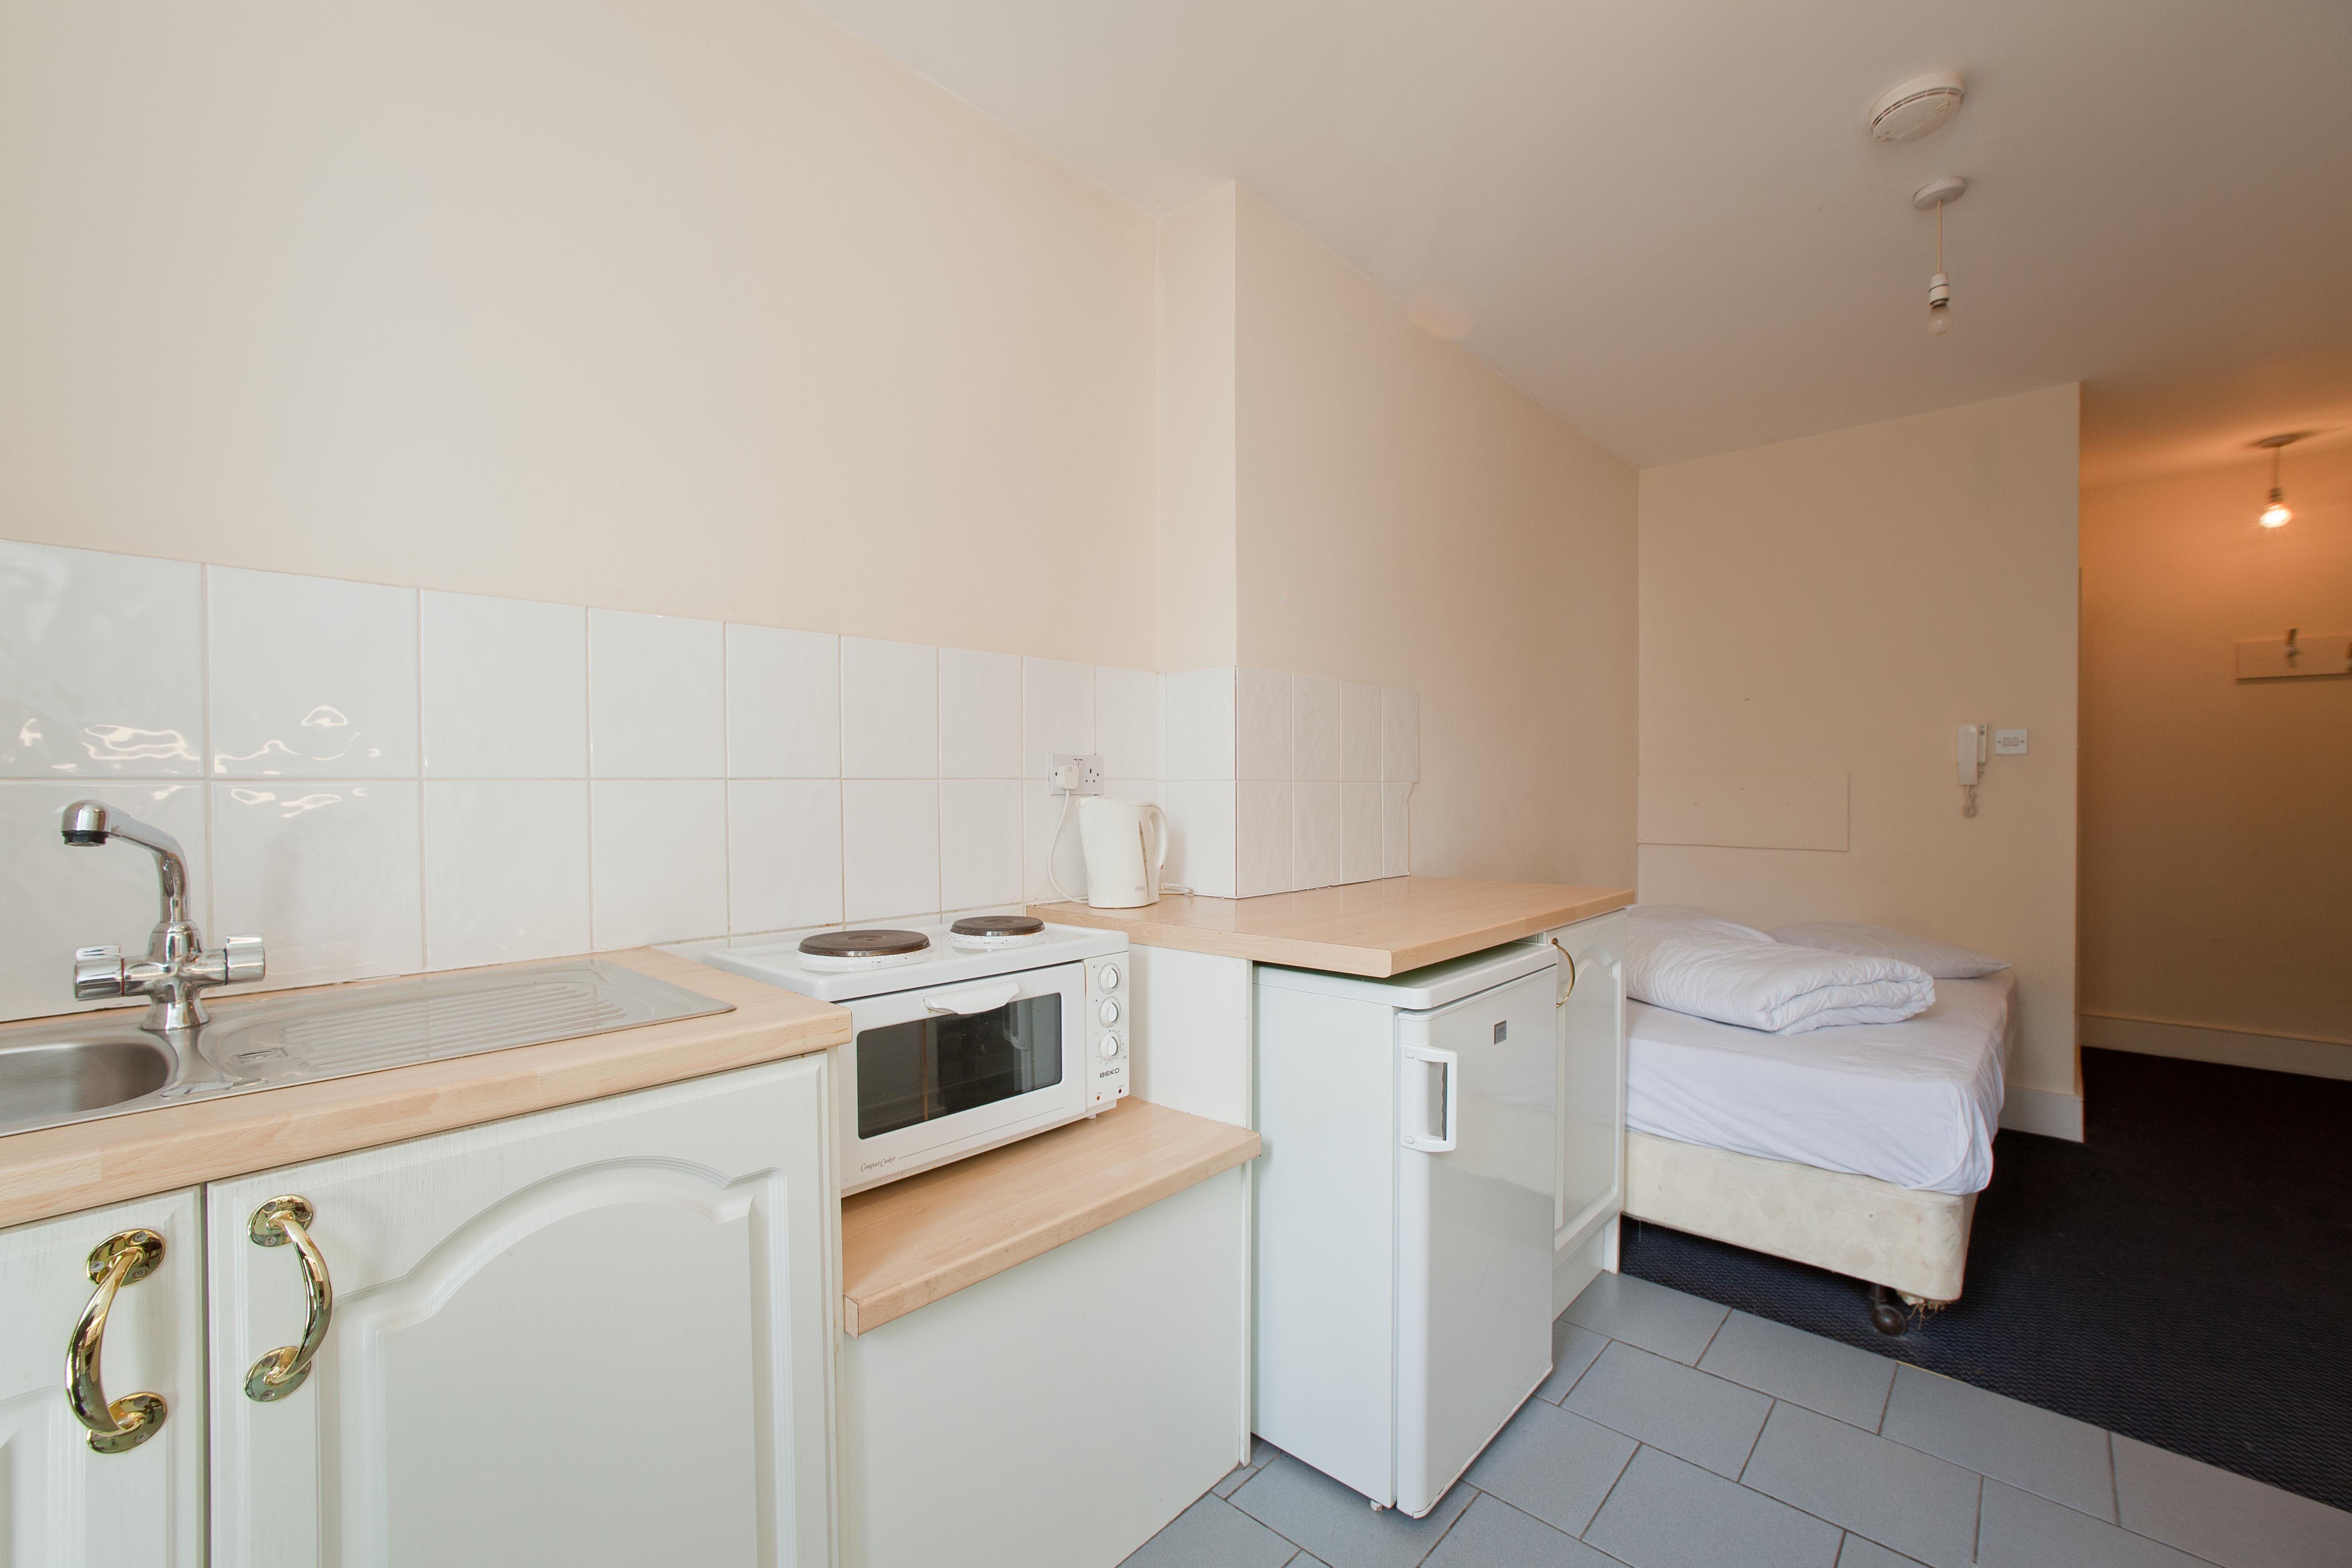 Belsize Park - Double Studio Apartment-16314